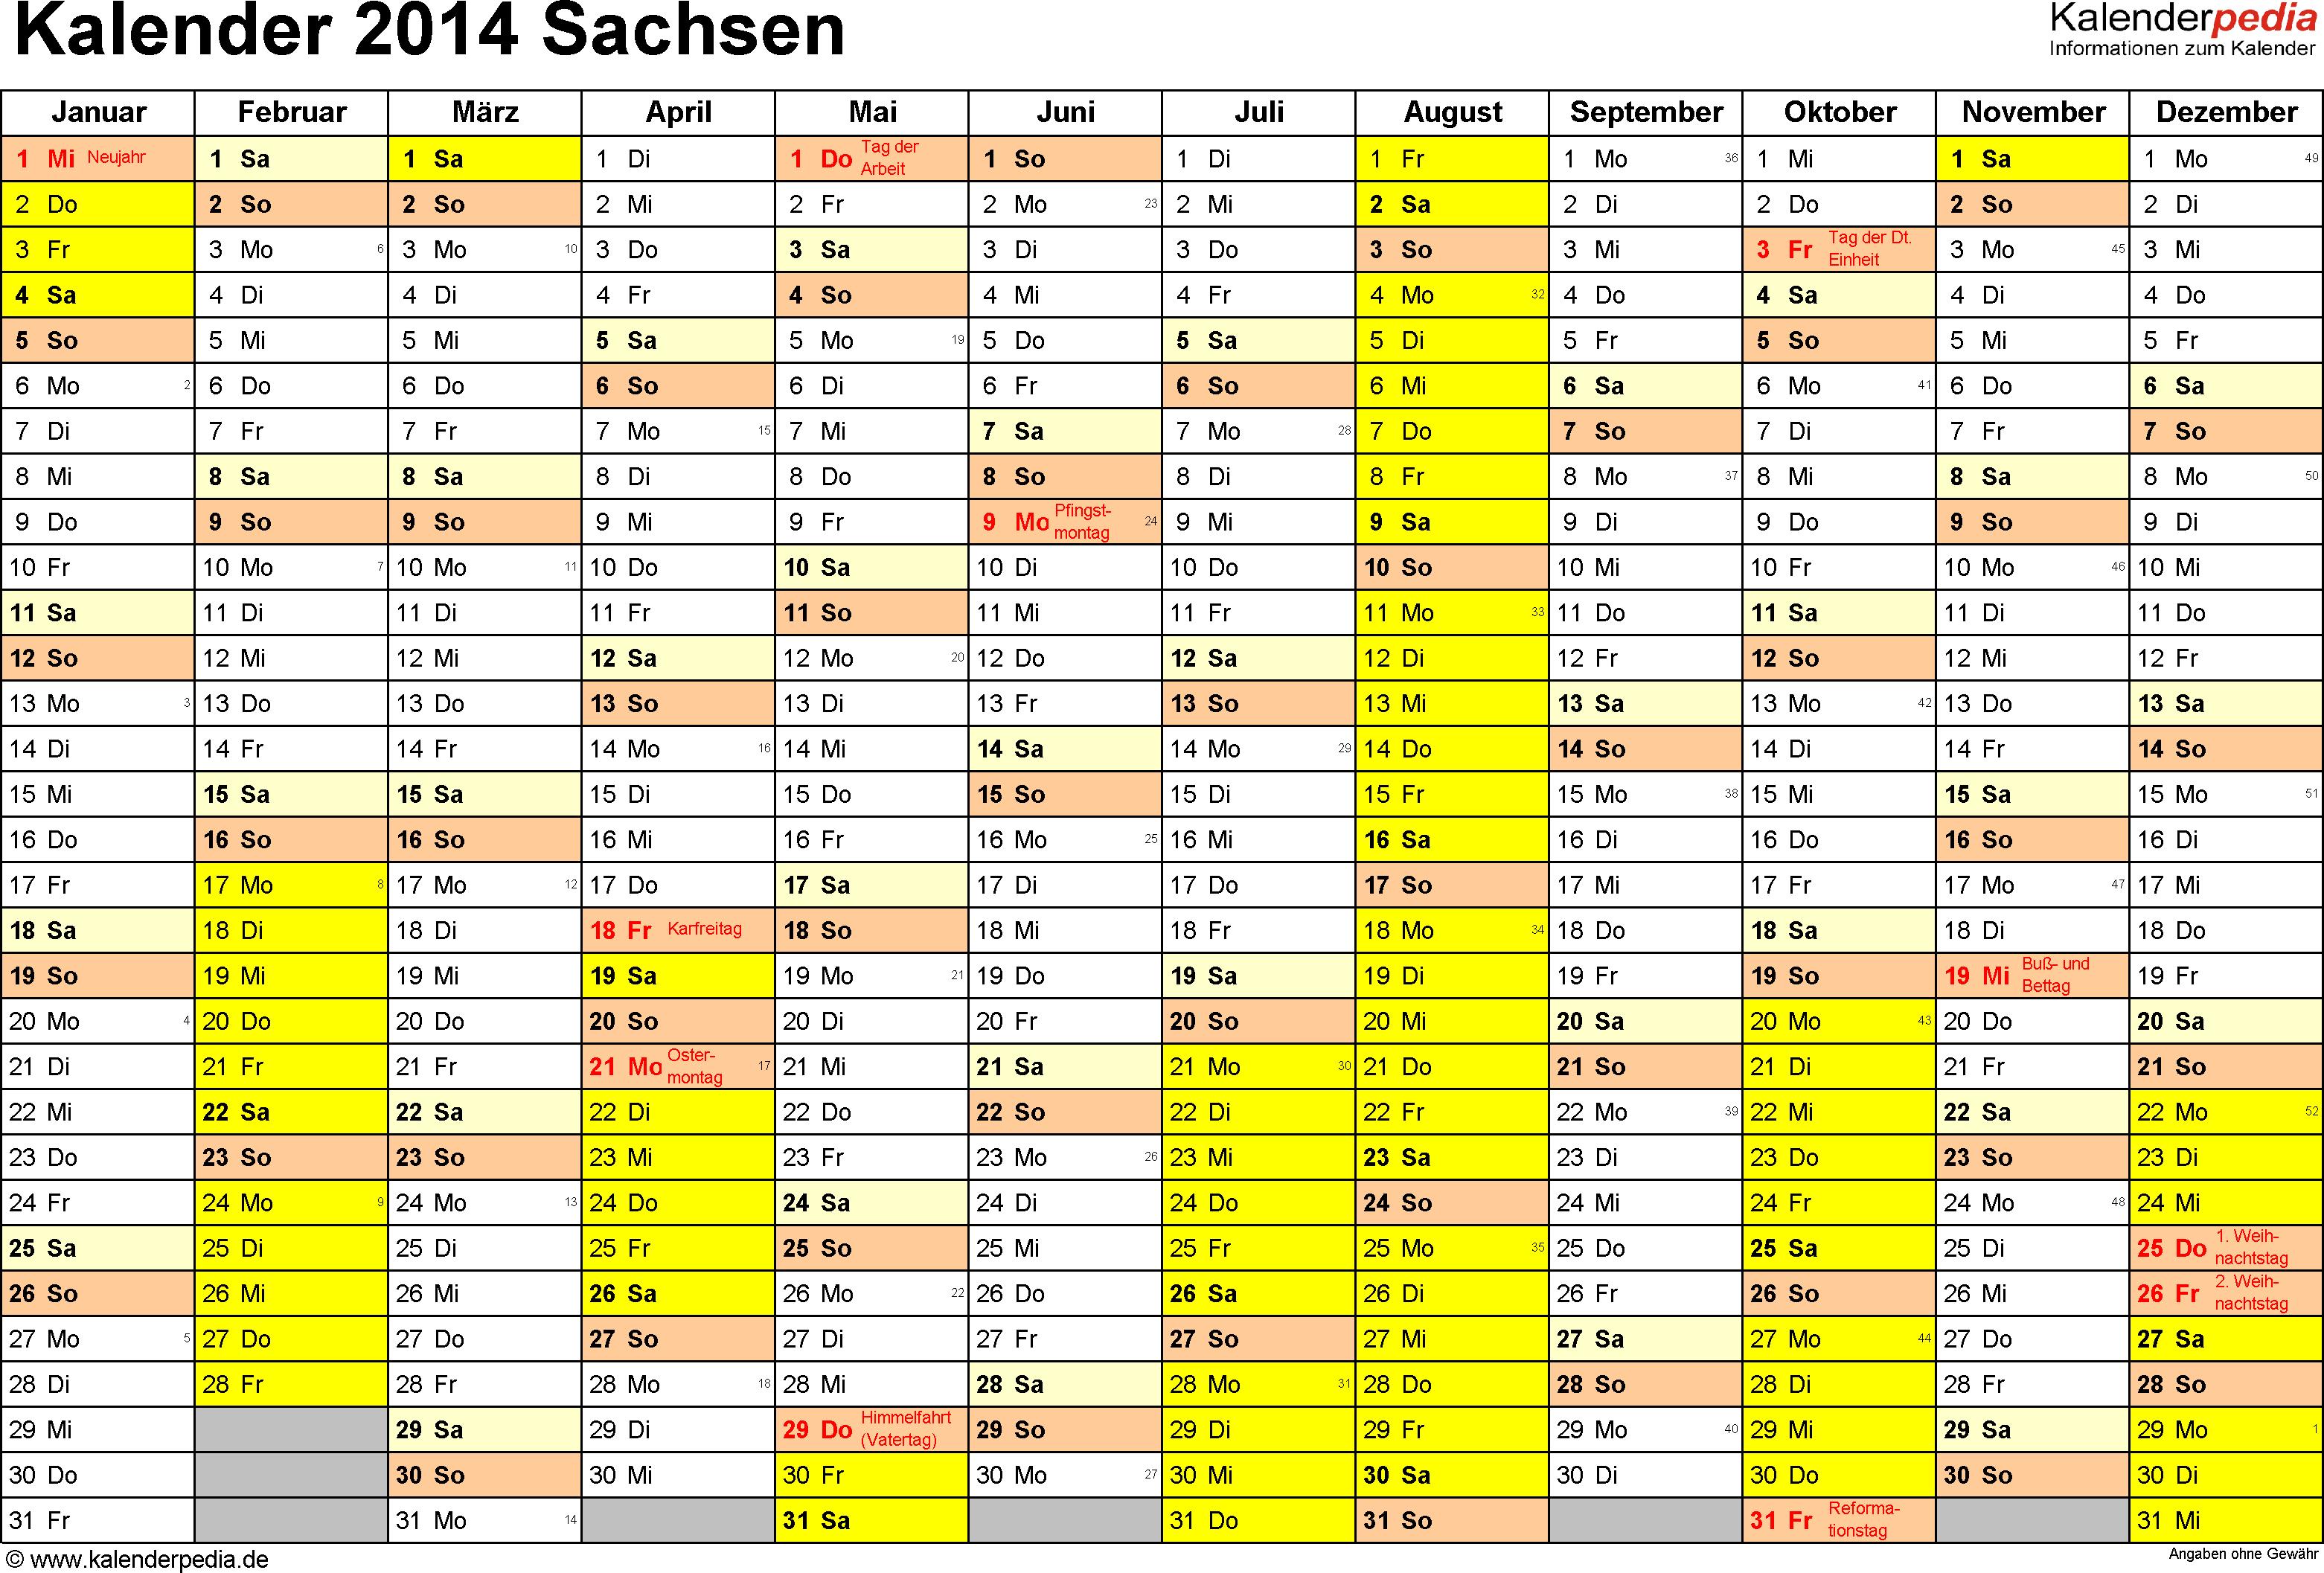 Vorlage 1: Kalender 2014 für Sachsen als Word-Vorlage (Querformat, 1 Seite)